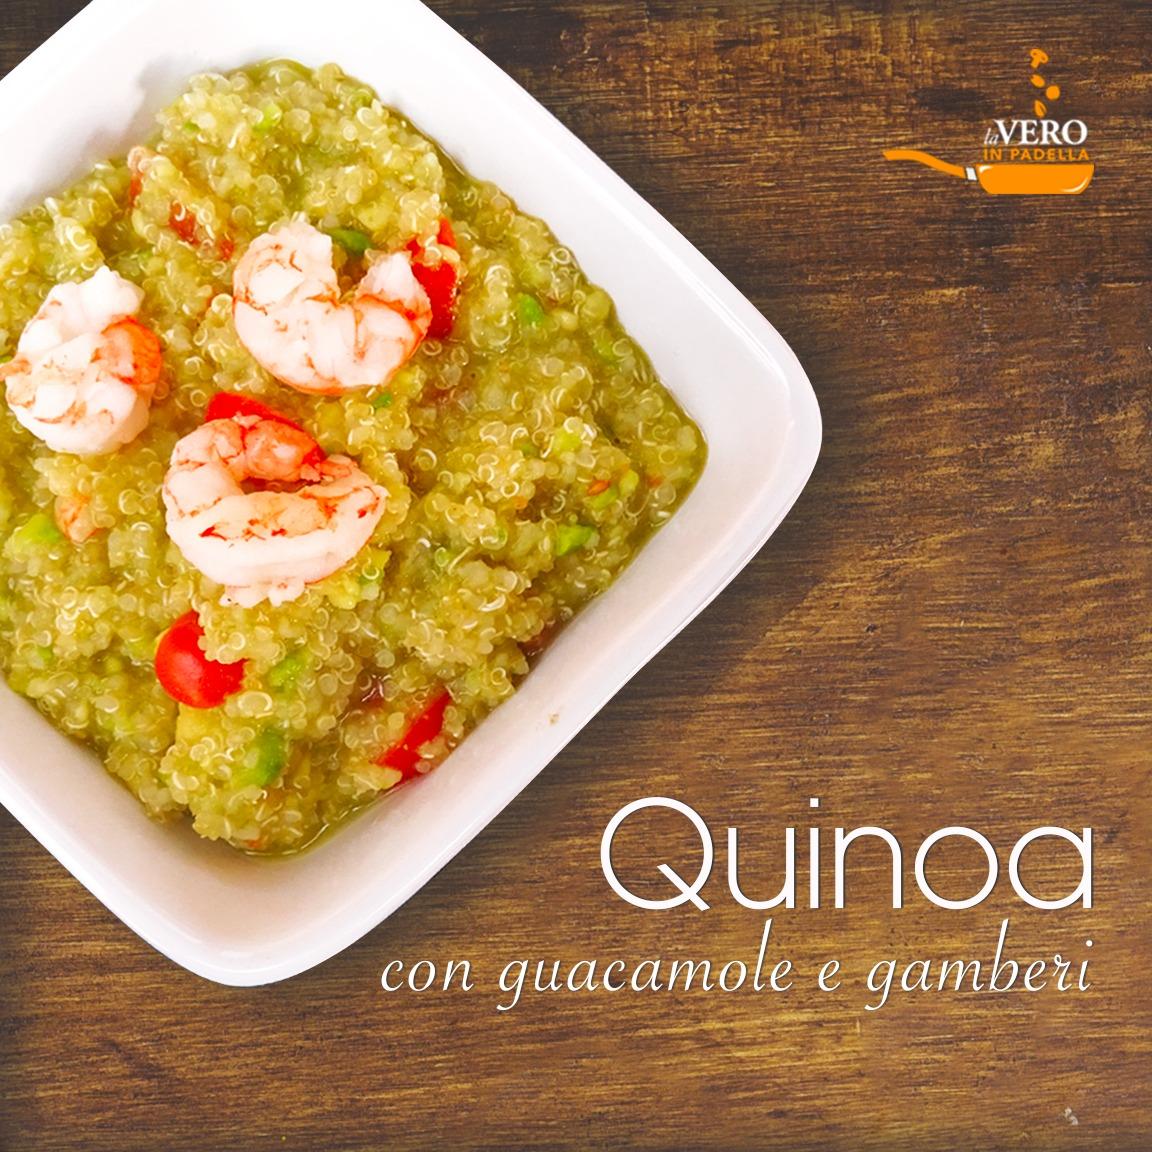 Ricetta Guacamole E Gamberi.Quinoa Con Guacamole E Gamberi Laveroinpadella